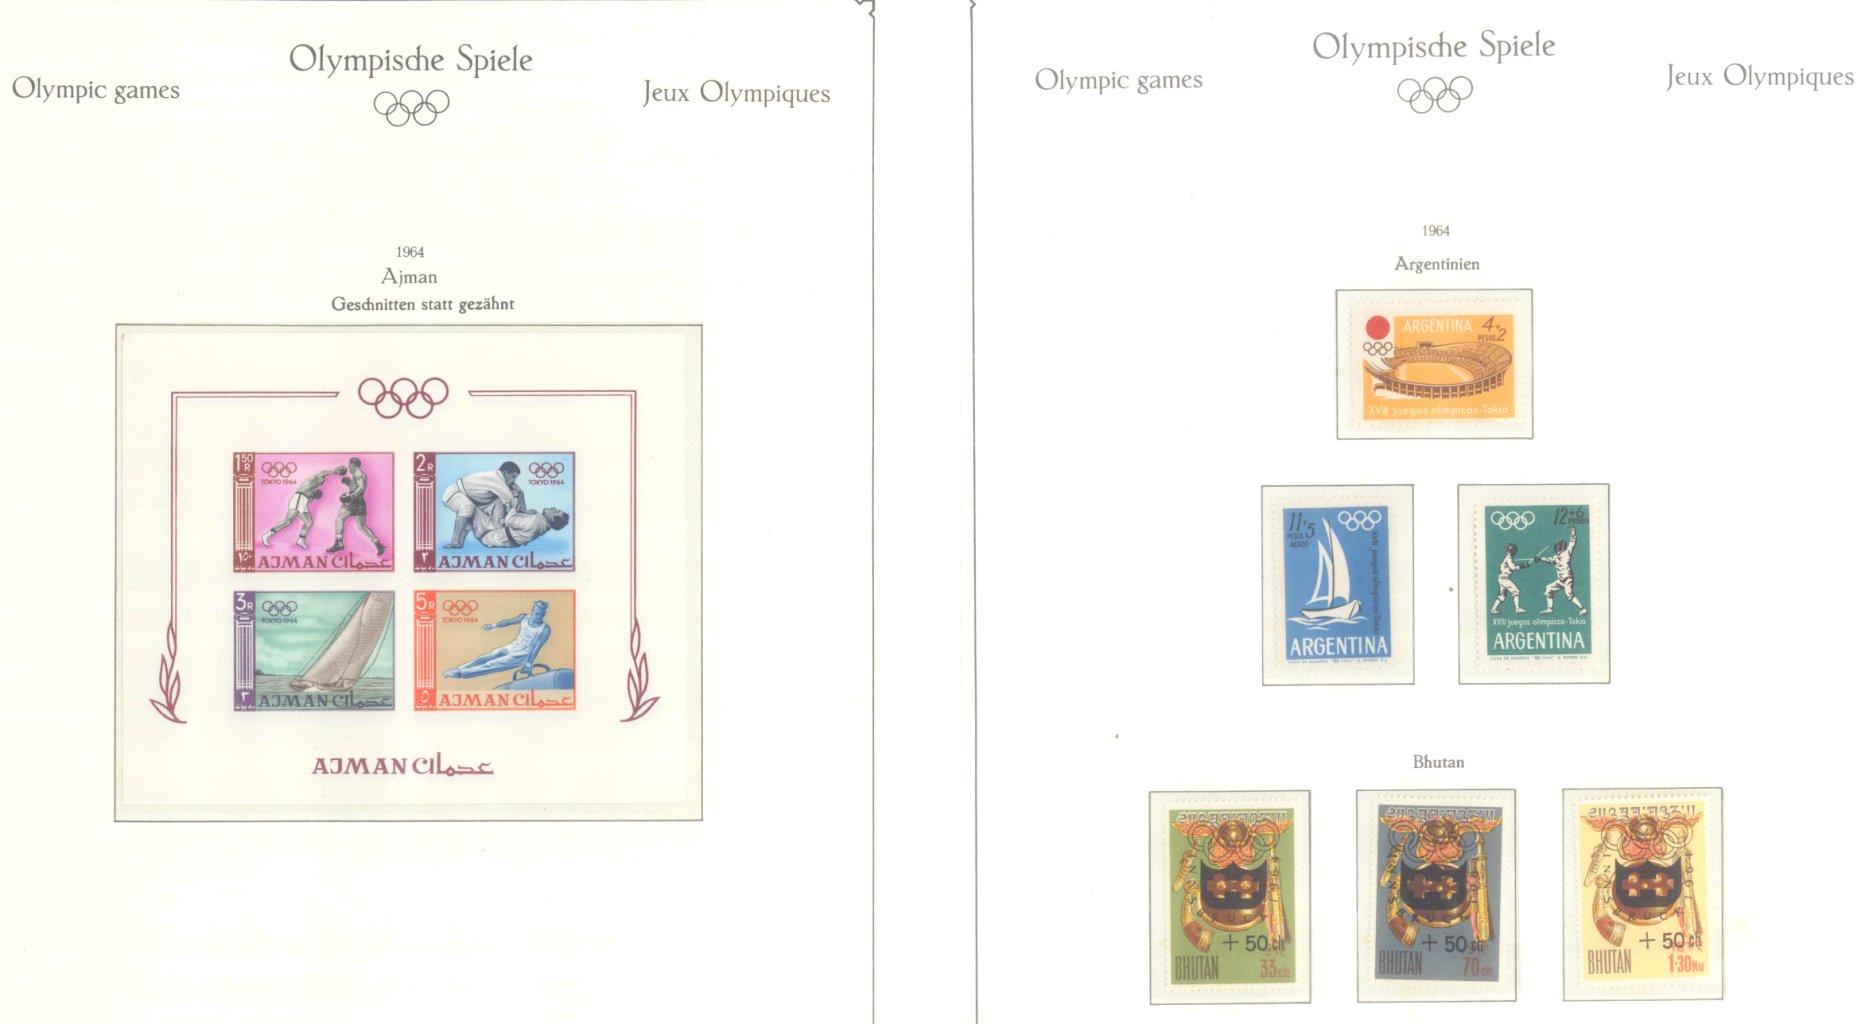 OLYMPISCHE SPIELE 1964 TOKIO, postfrische Sammlung Teil 1-59